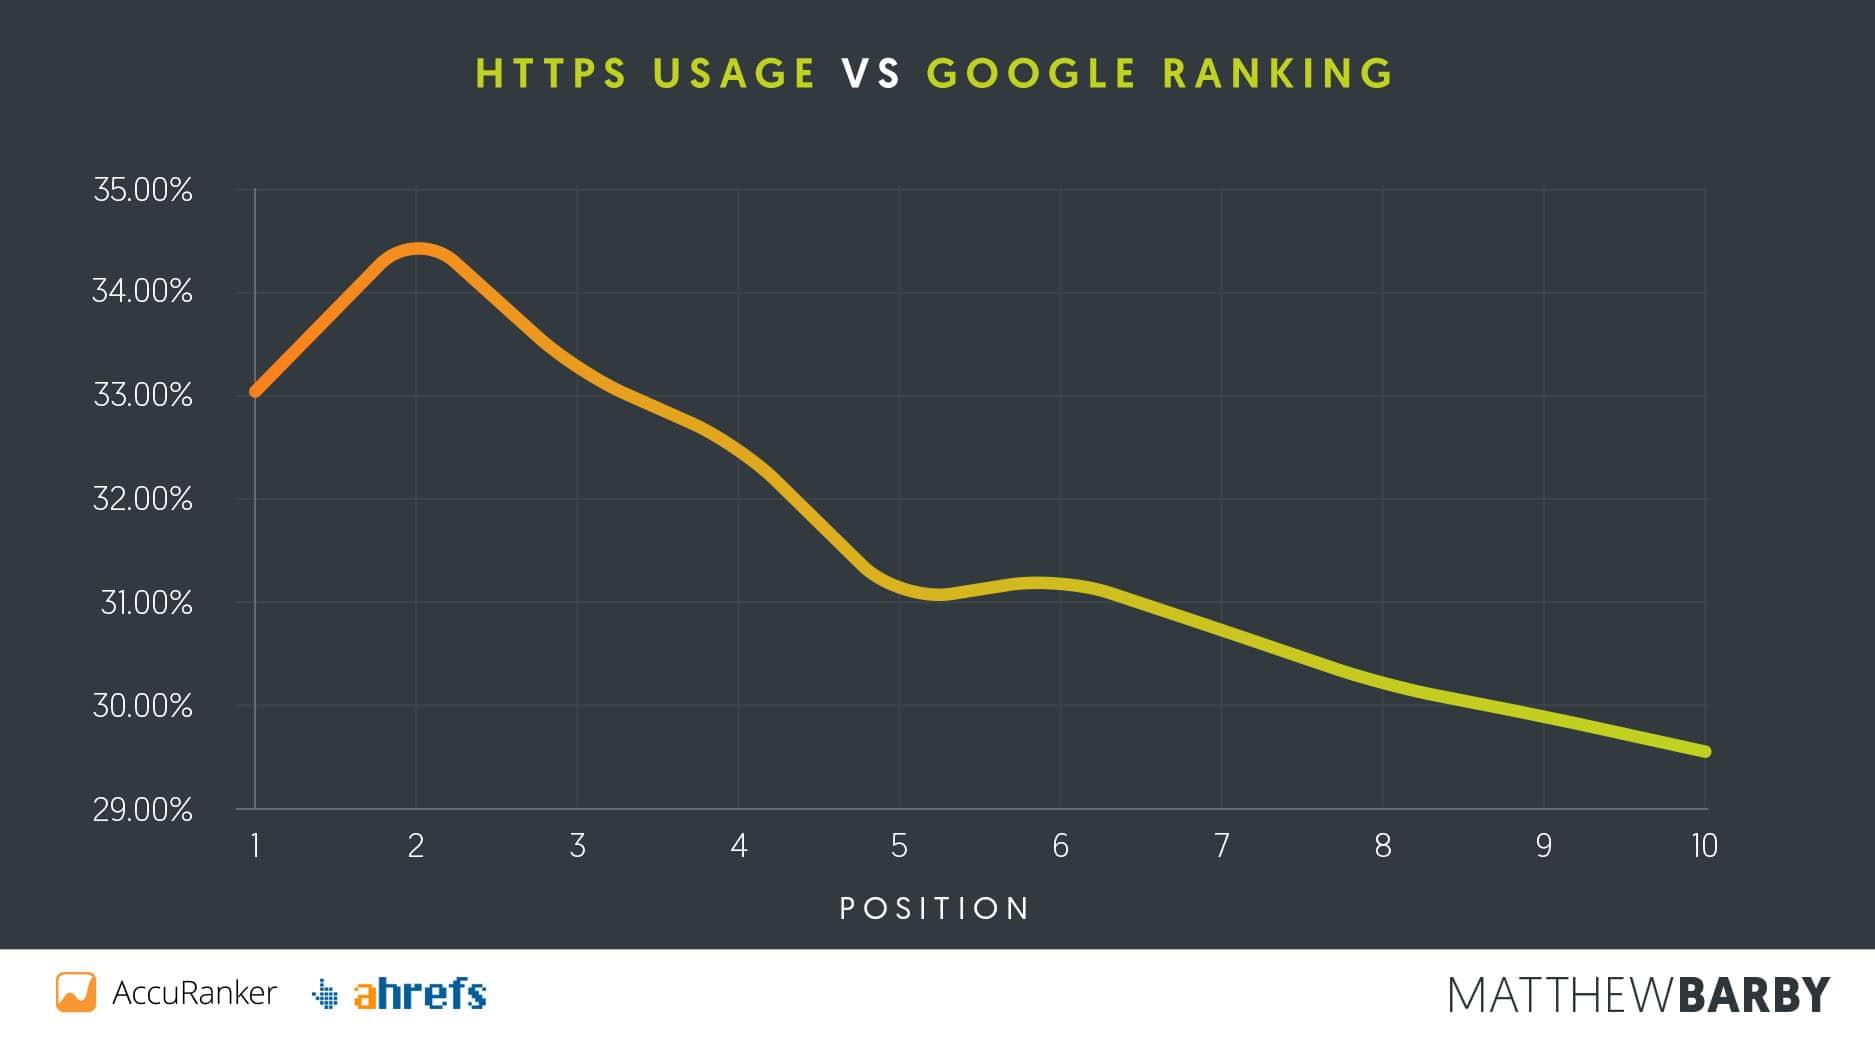 Uso de https y ranking de Google